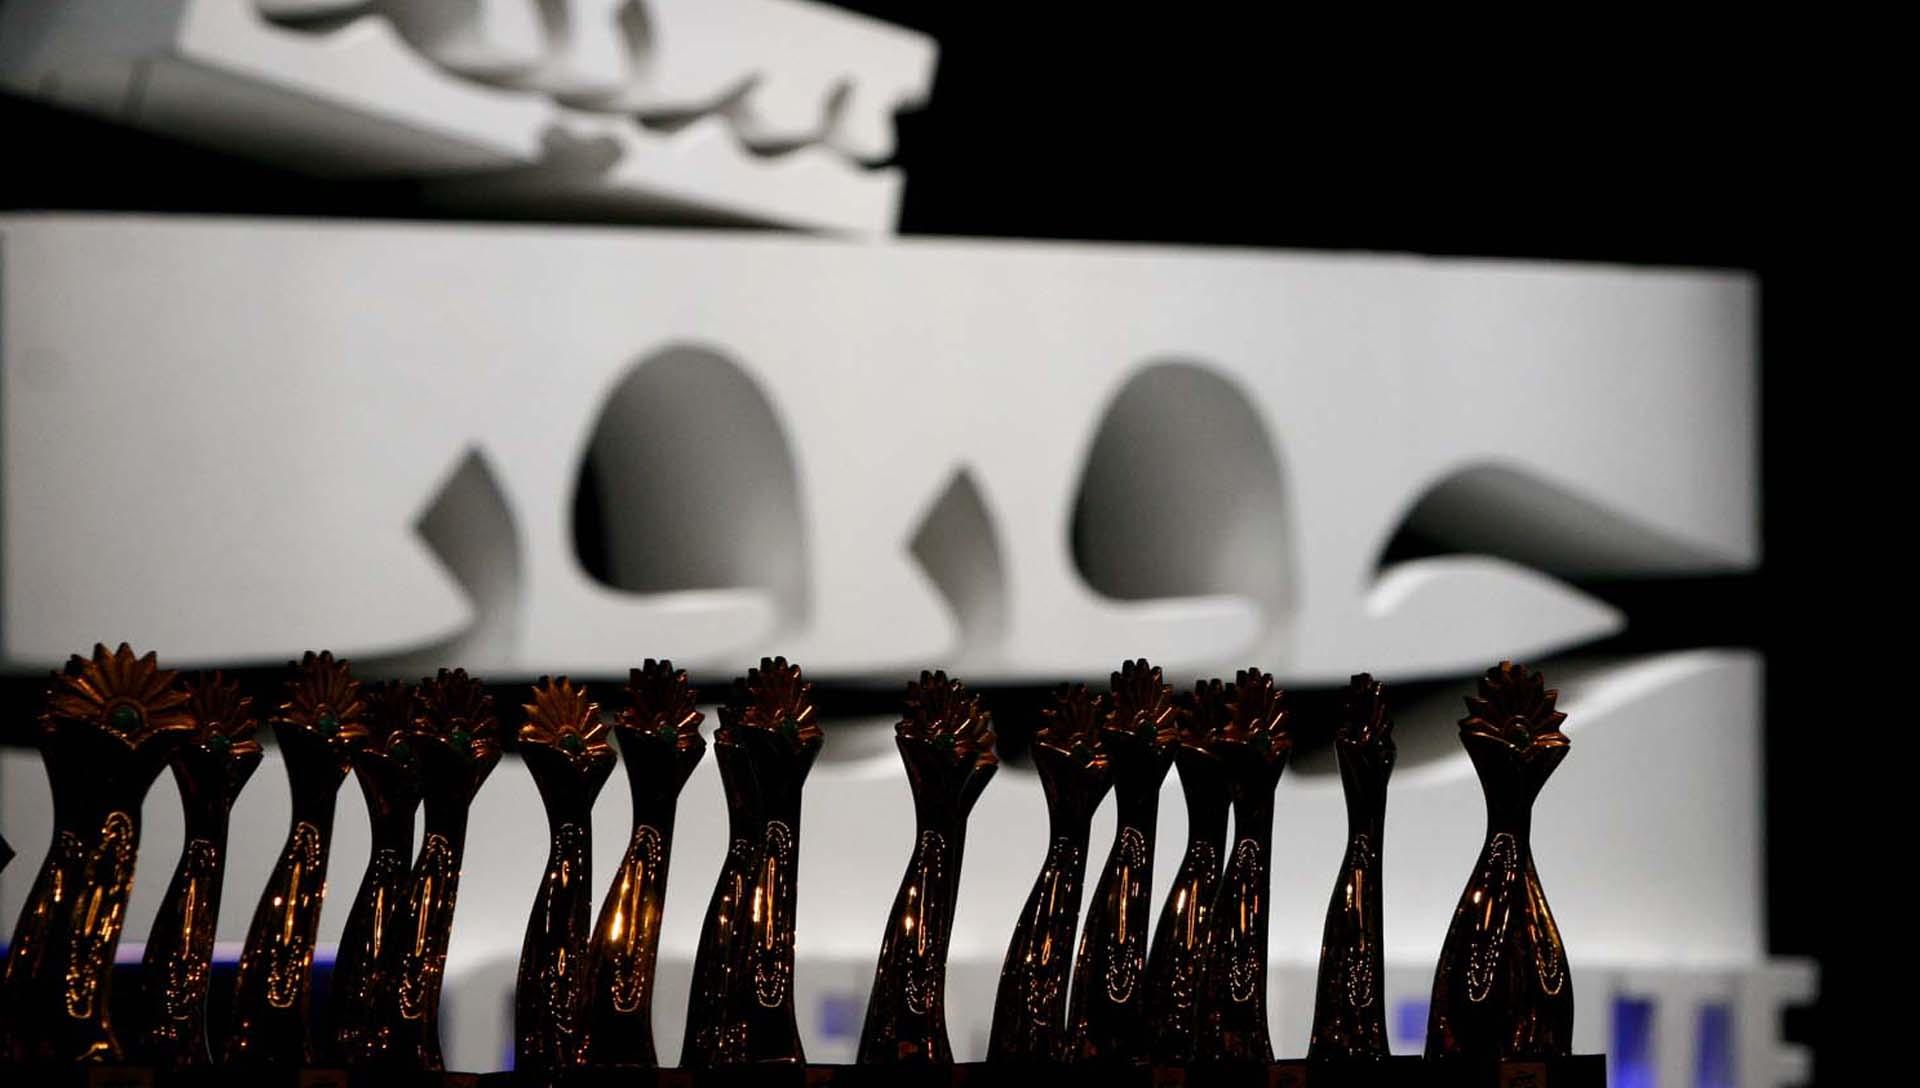 جشنواره بین المللی سینما حقیقت گروه فیلم سازی زوم شیراز